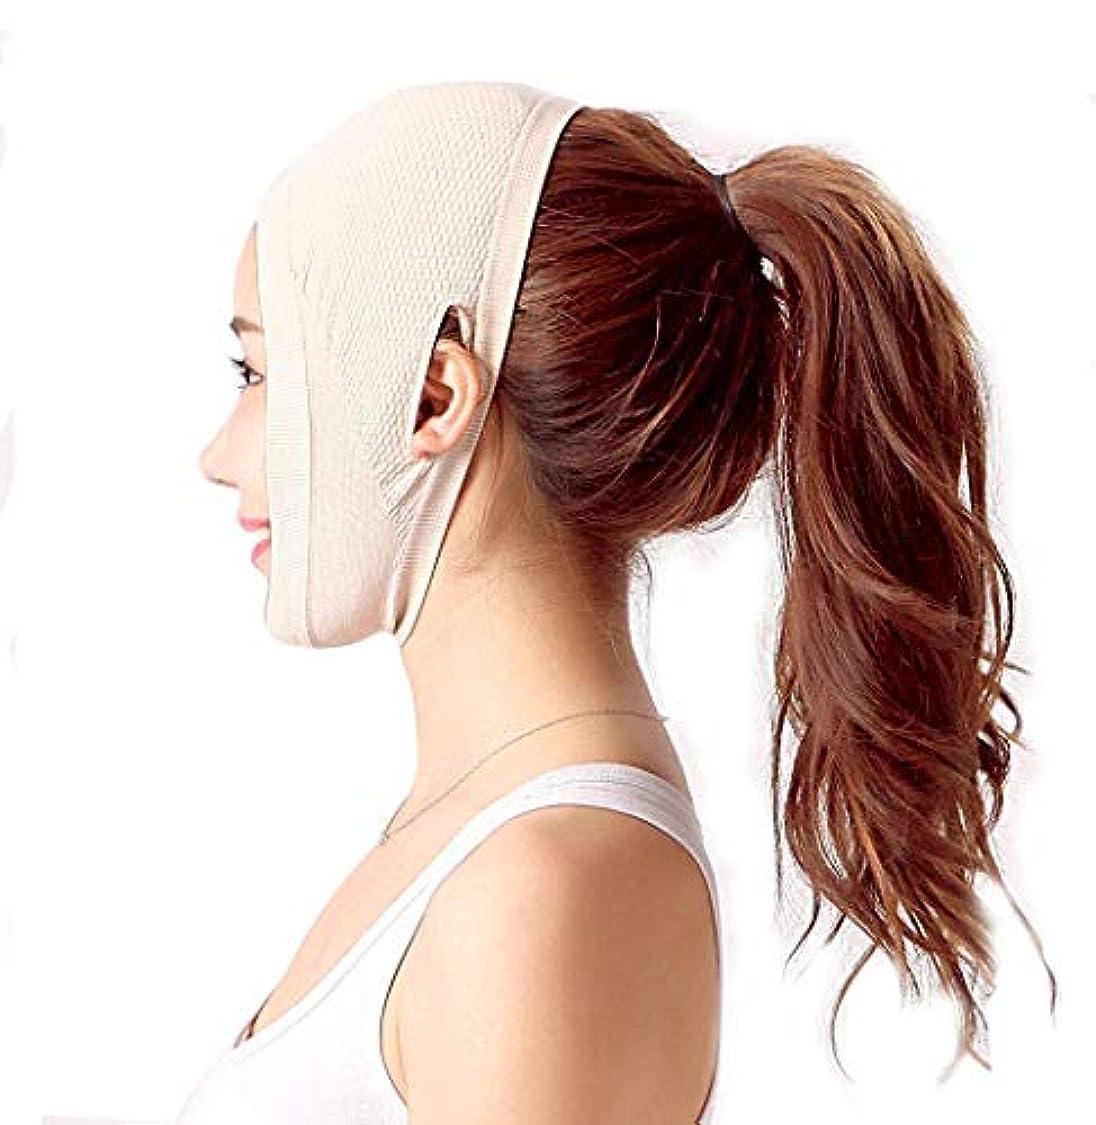 シルエット待つ内なるHUYYA Vライン頬、女性の顔を持ち上げるベルト 二重あごの減量顔 しわ防止包帯,Flesh_X-Large